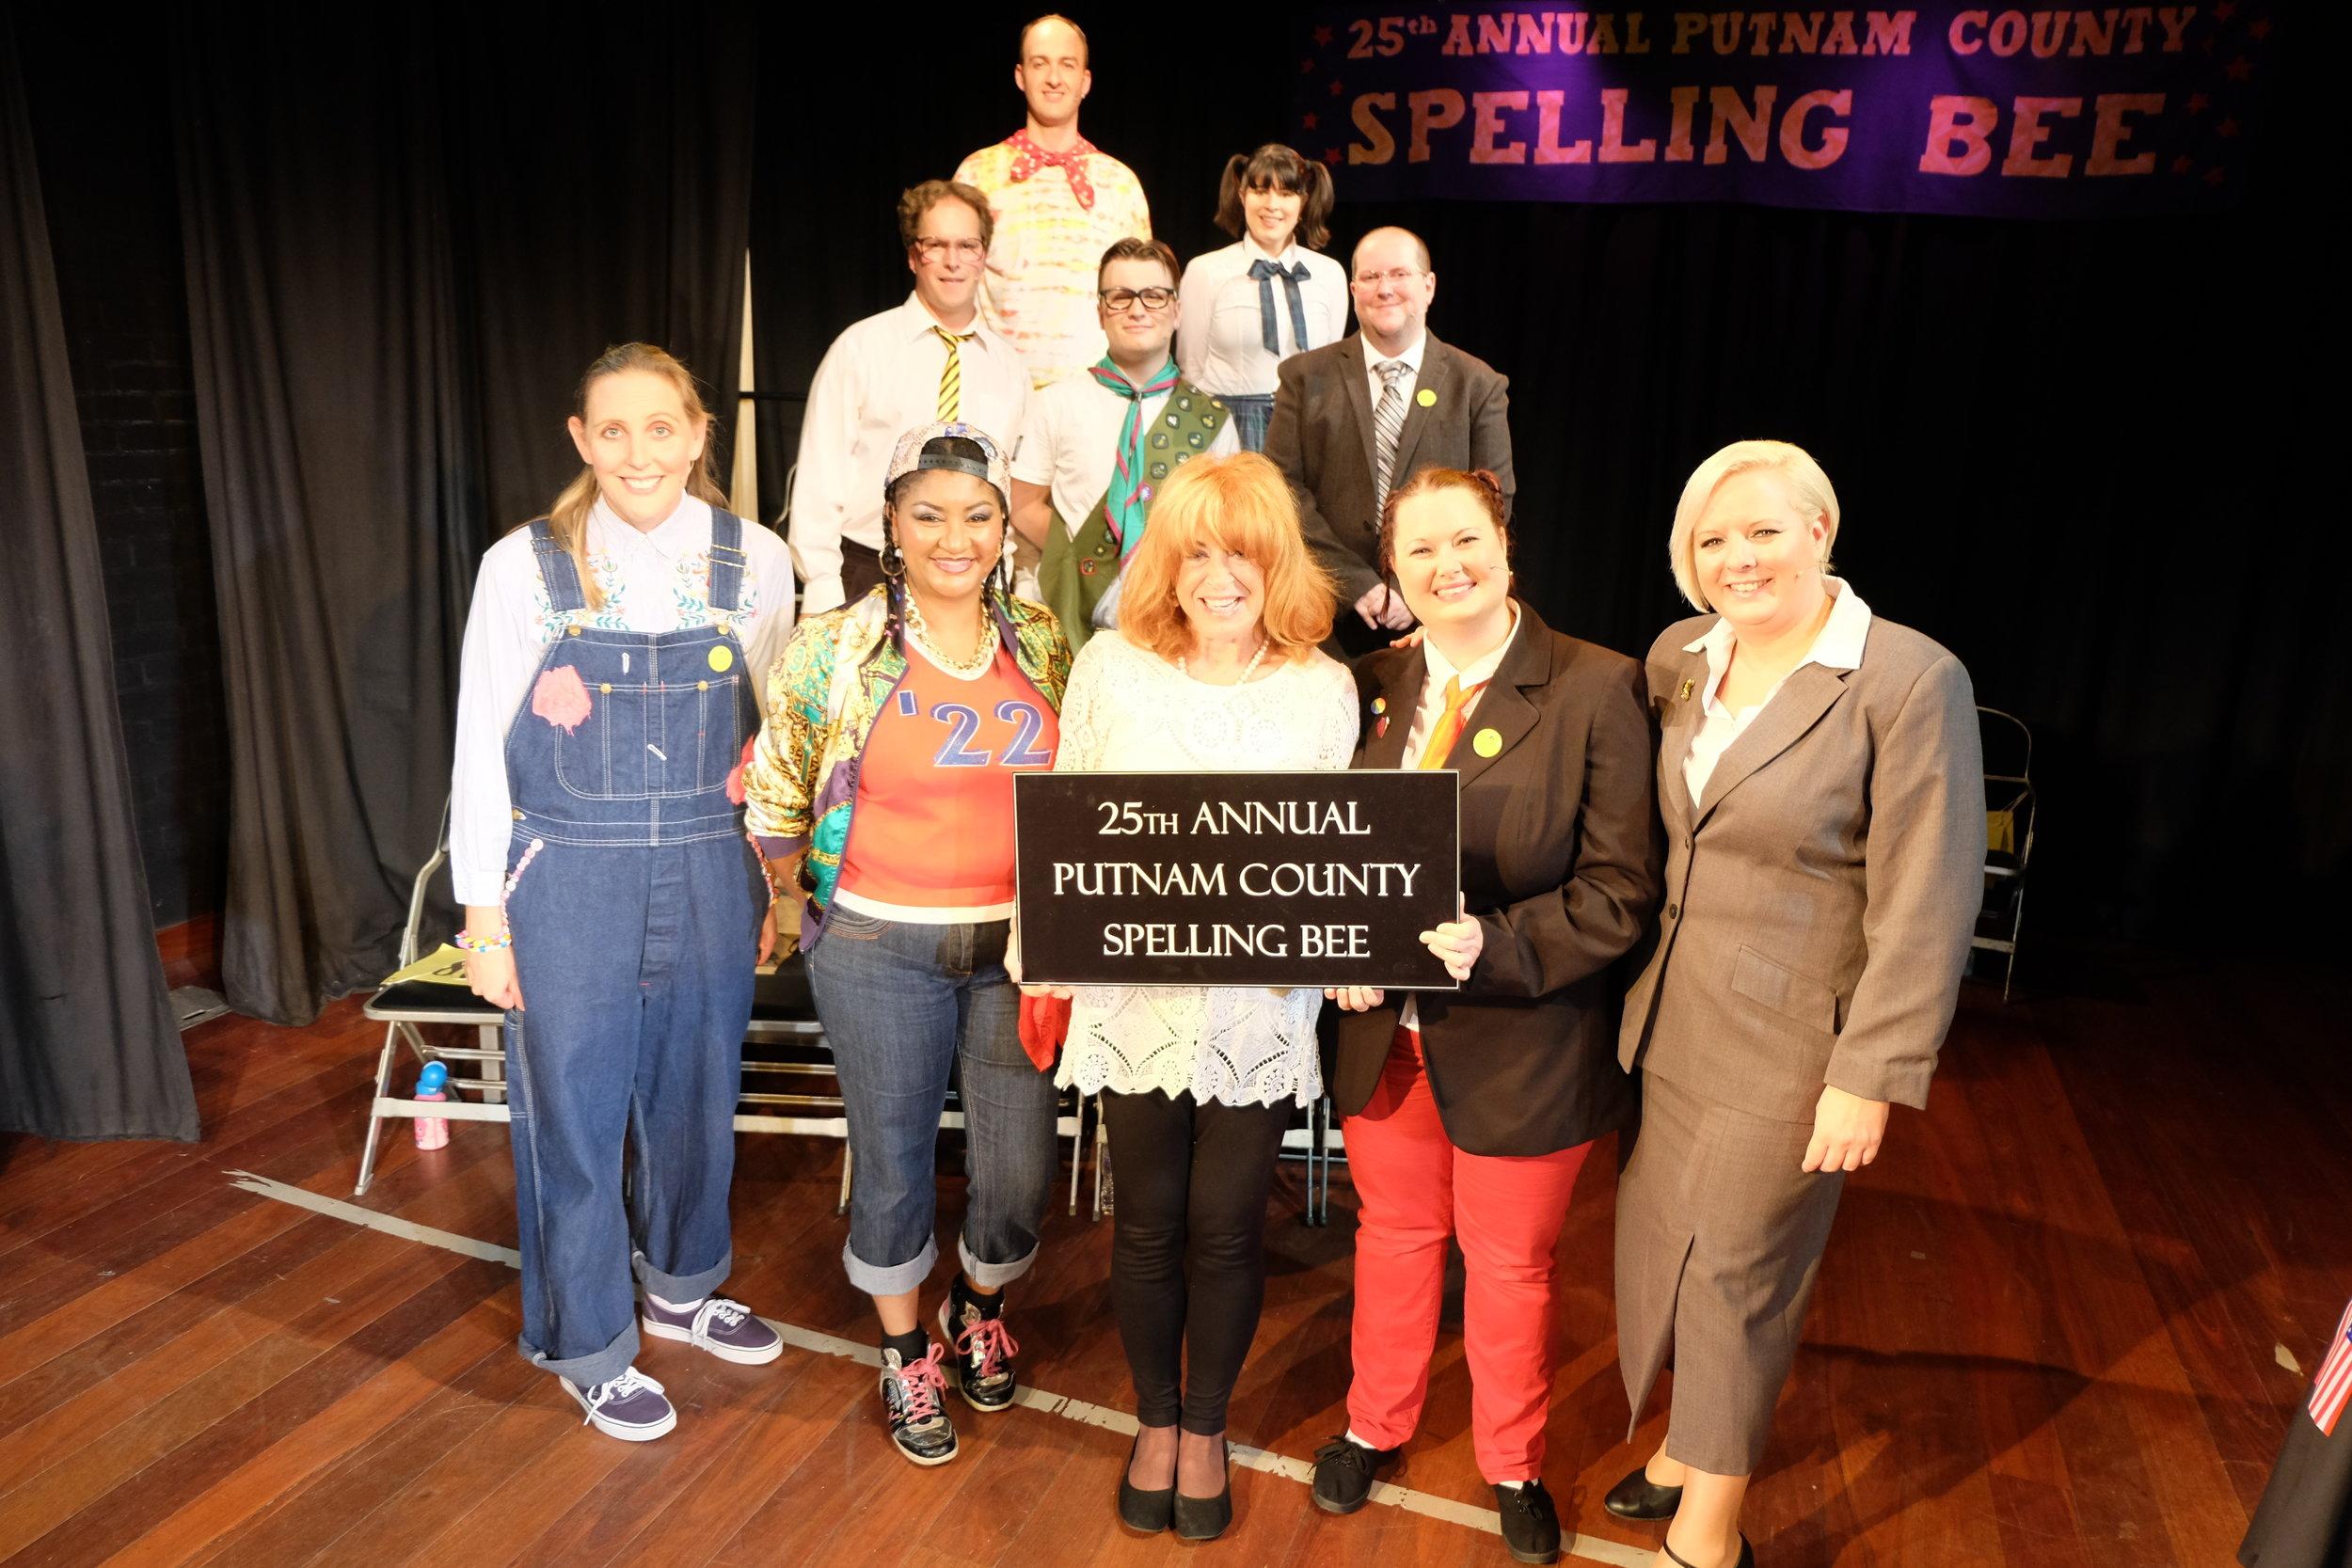 with guest speller Lynda La Plante